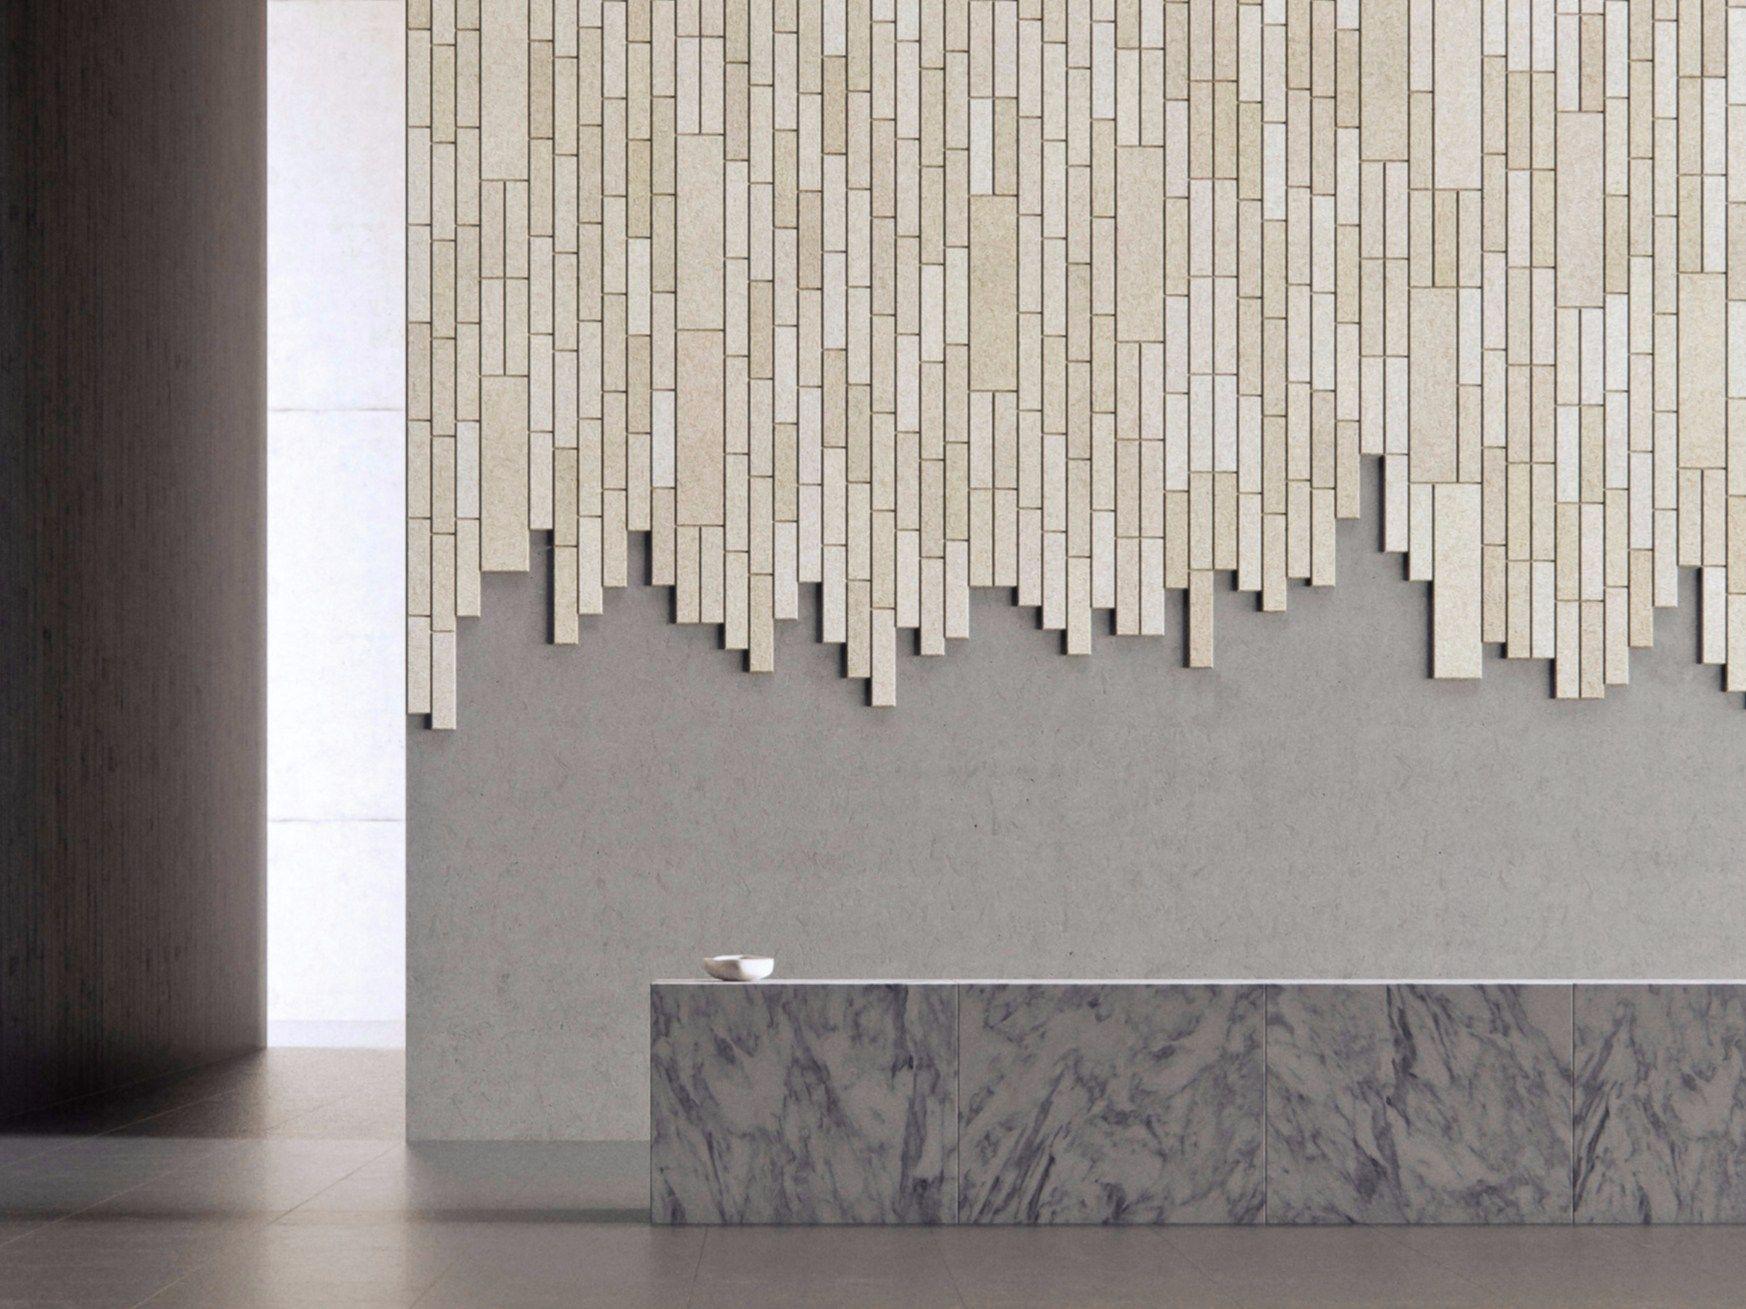 Panneaux acoustiques d coratifs baux acoustic tile plank for Panneaux decoratifs